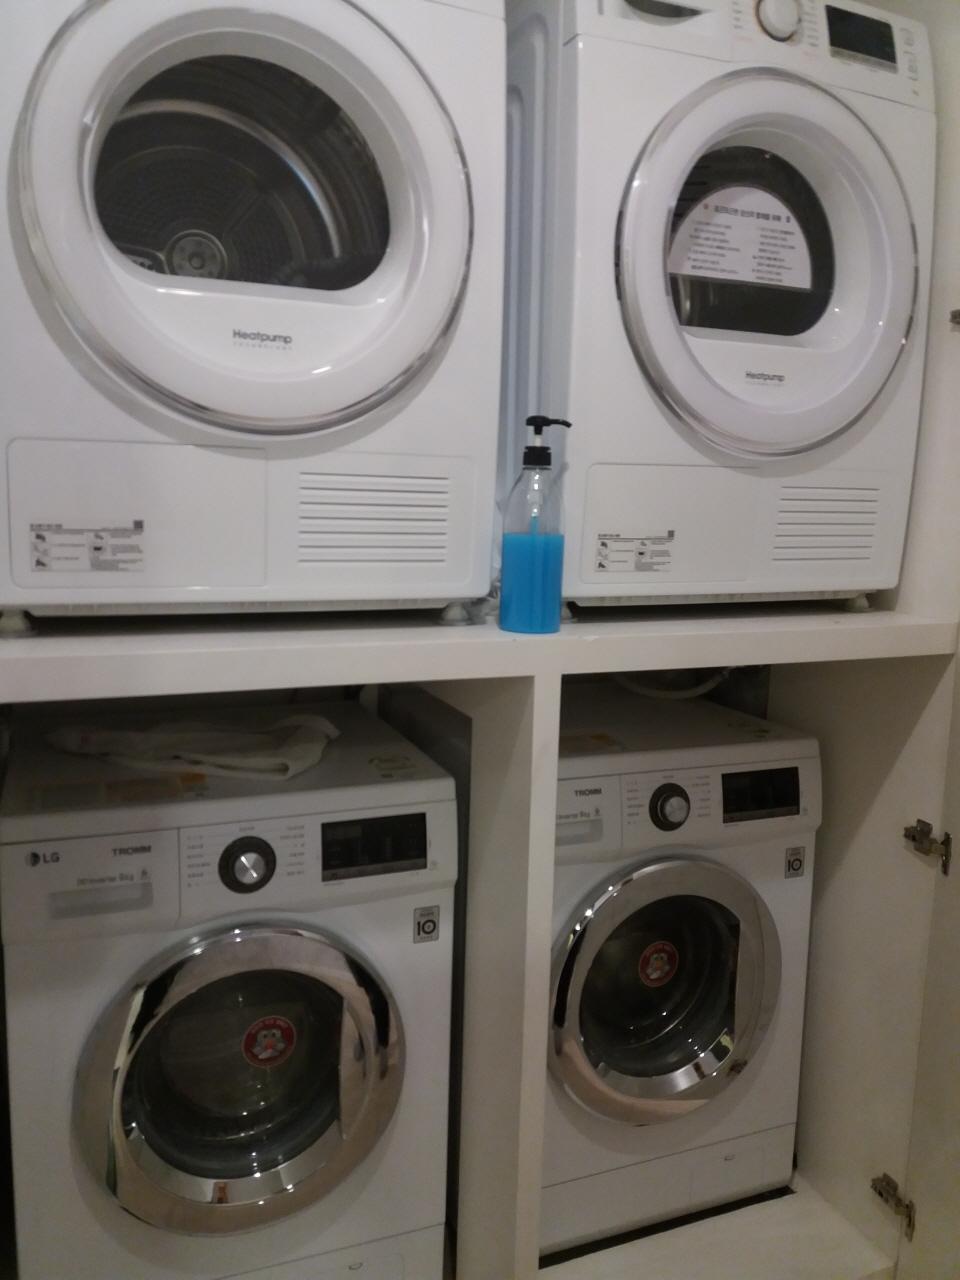 셰어하우스 복도에는 전기식 의류건조기(위), 세탁기(아래)를 두 대씩 놓았다.